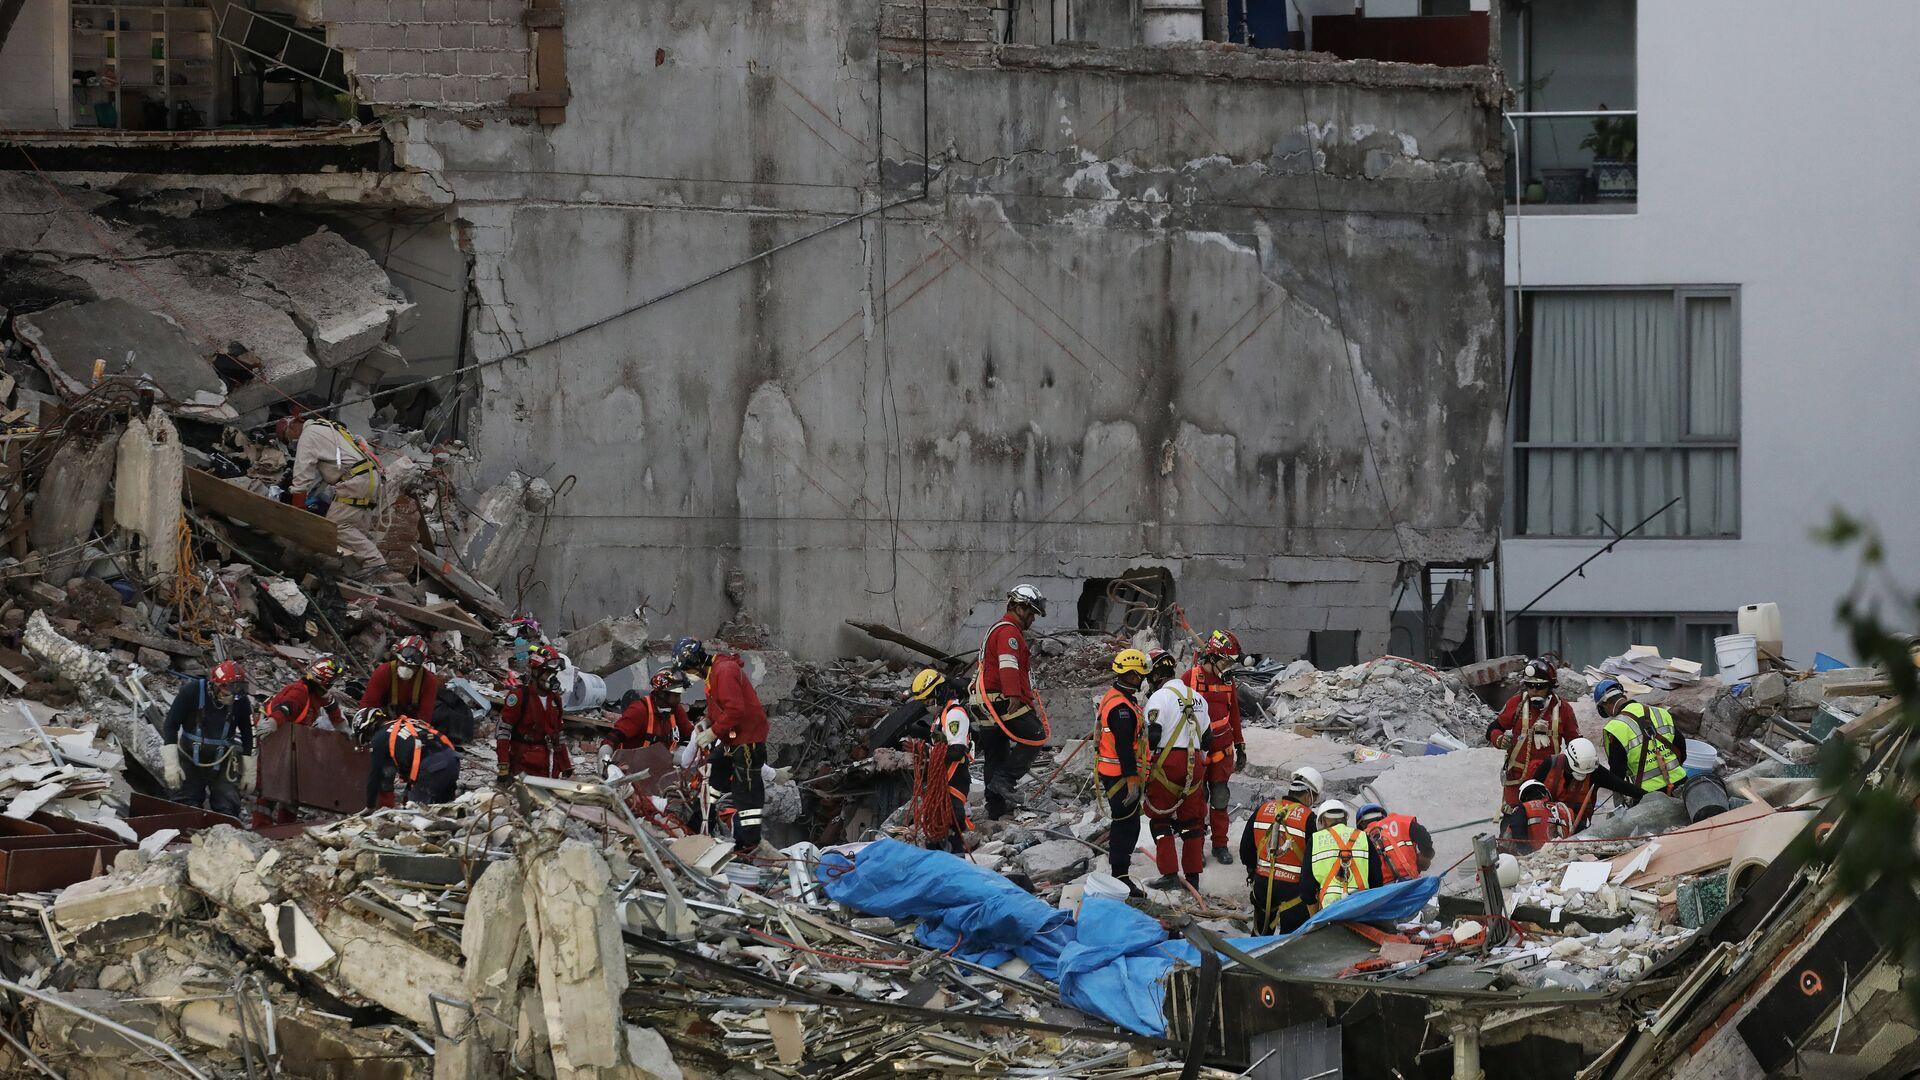 Grupo de rescatistas en la Ciudad de México tras el terremoto - Sputnik Mundo, 1920, 19.09.2021